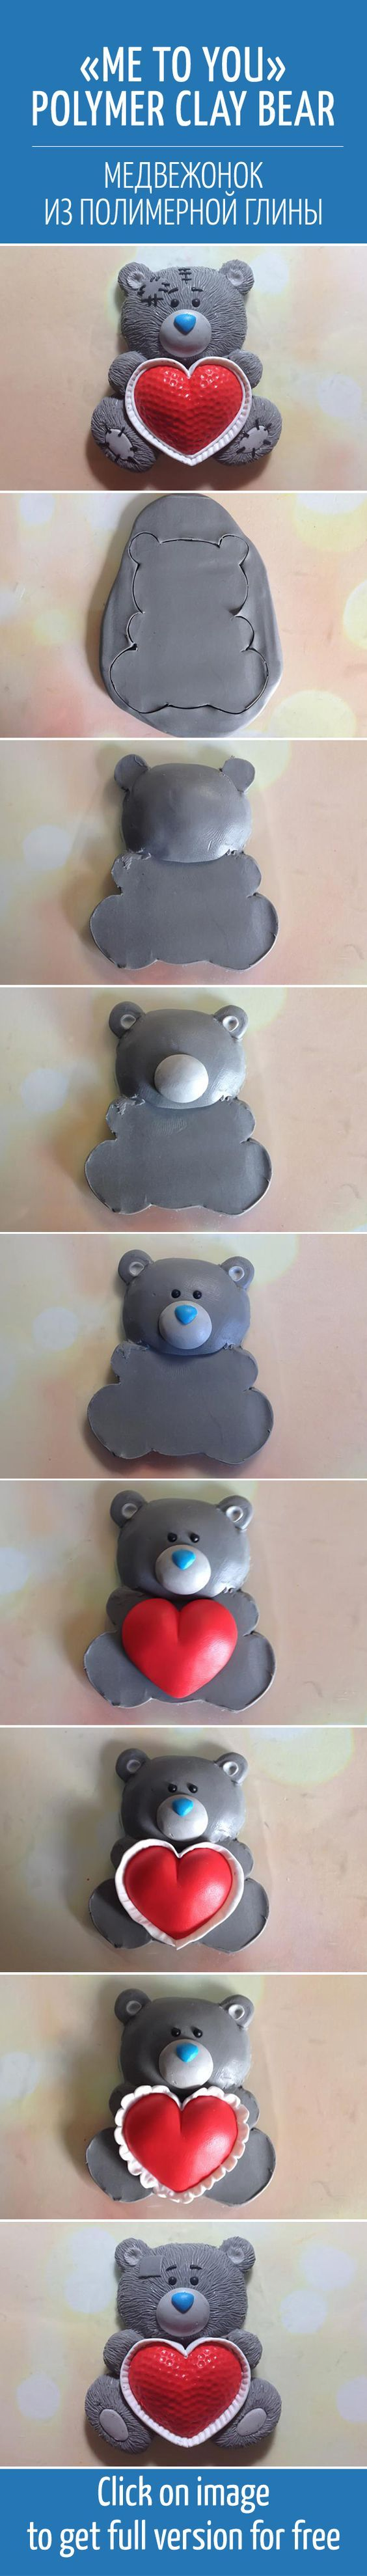 Лепим из полимерной глины медвежонка «Me to you…